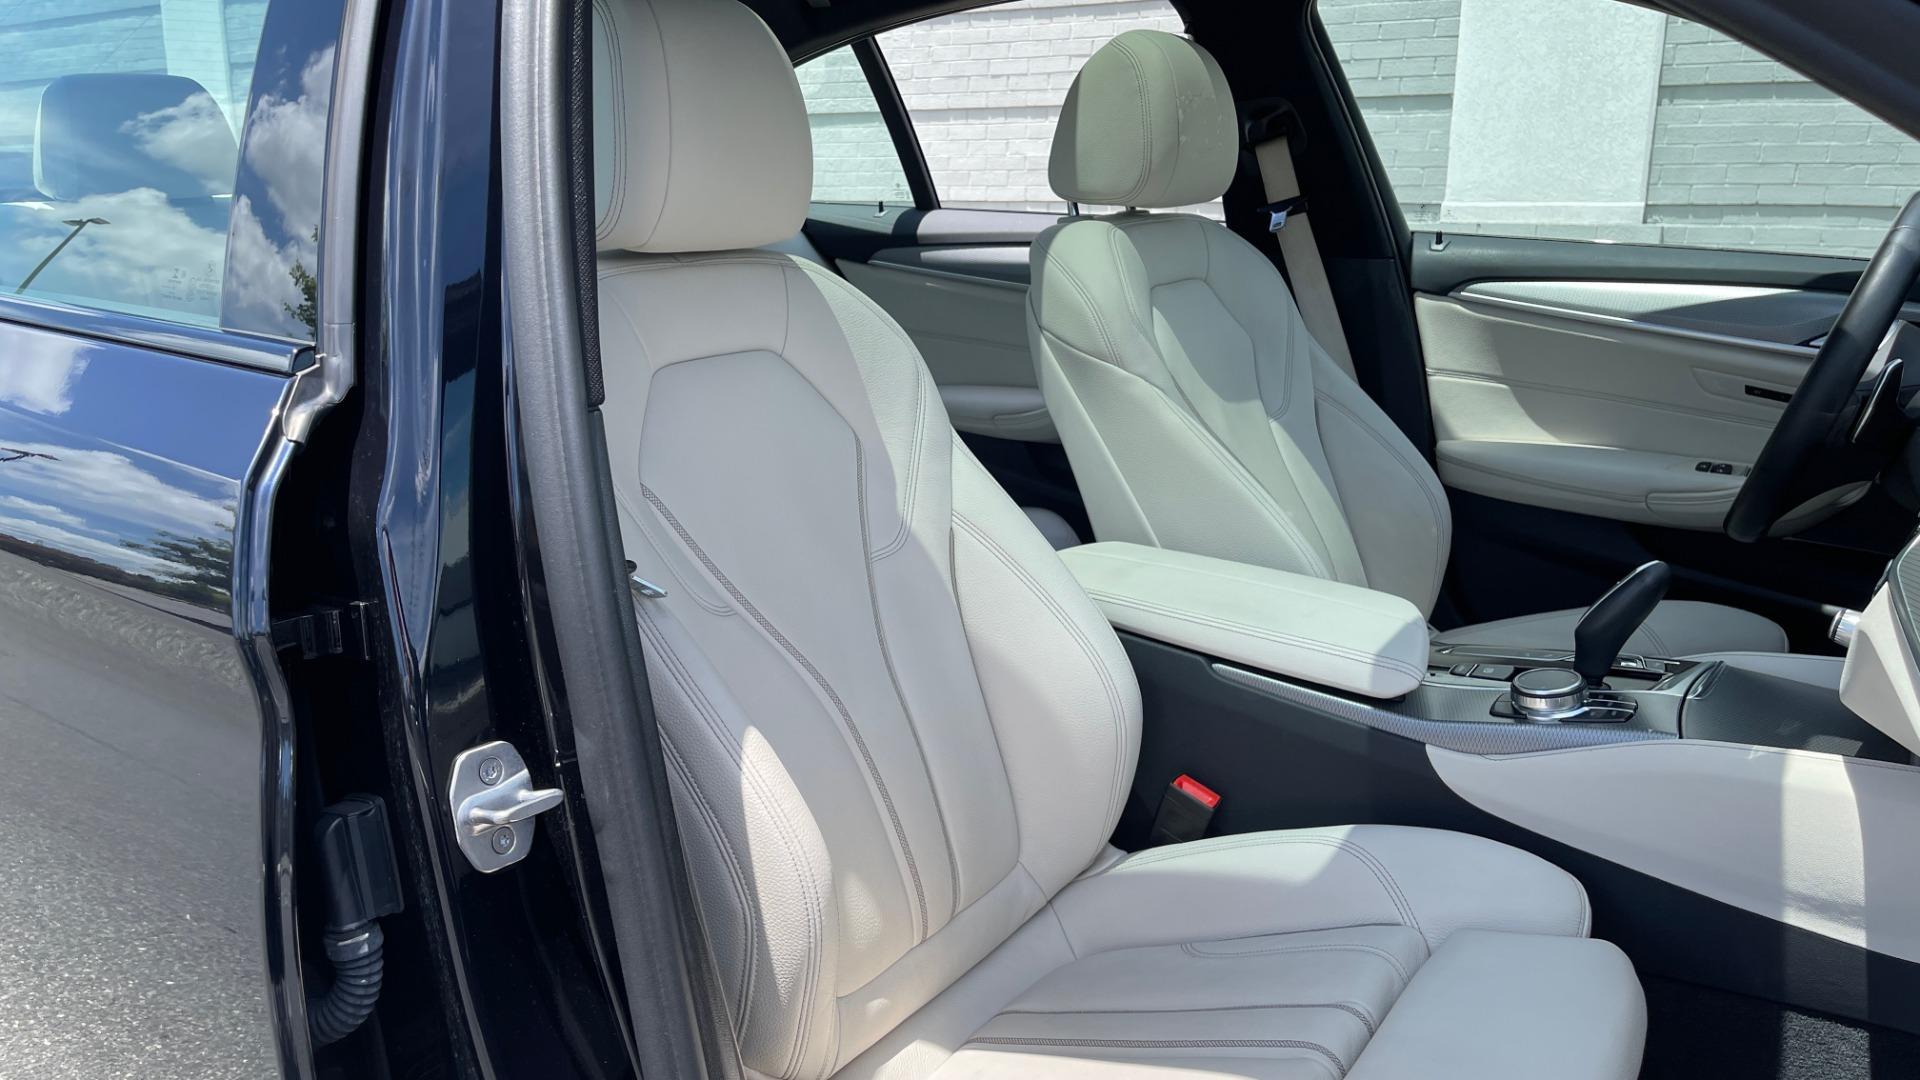 Used 2018 BMW 5 SERIES 540I M-SPORT / EXECUTIVE PKG / DRVR ASST PKG / BLIND SPOT / LANE DEPART for sale $40,995 at Formula Imports in Charlotte NC 28227 72